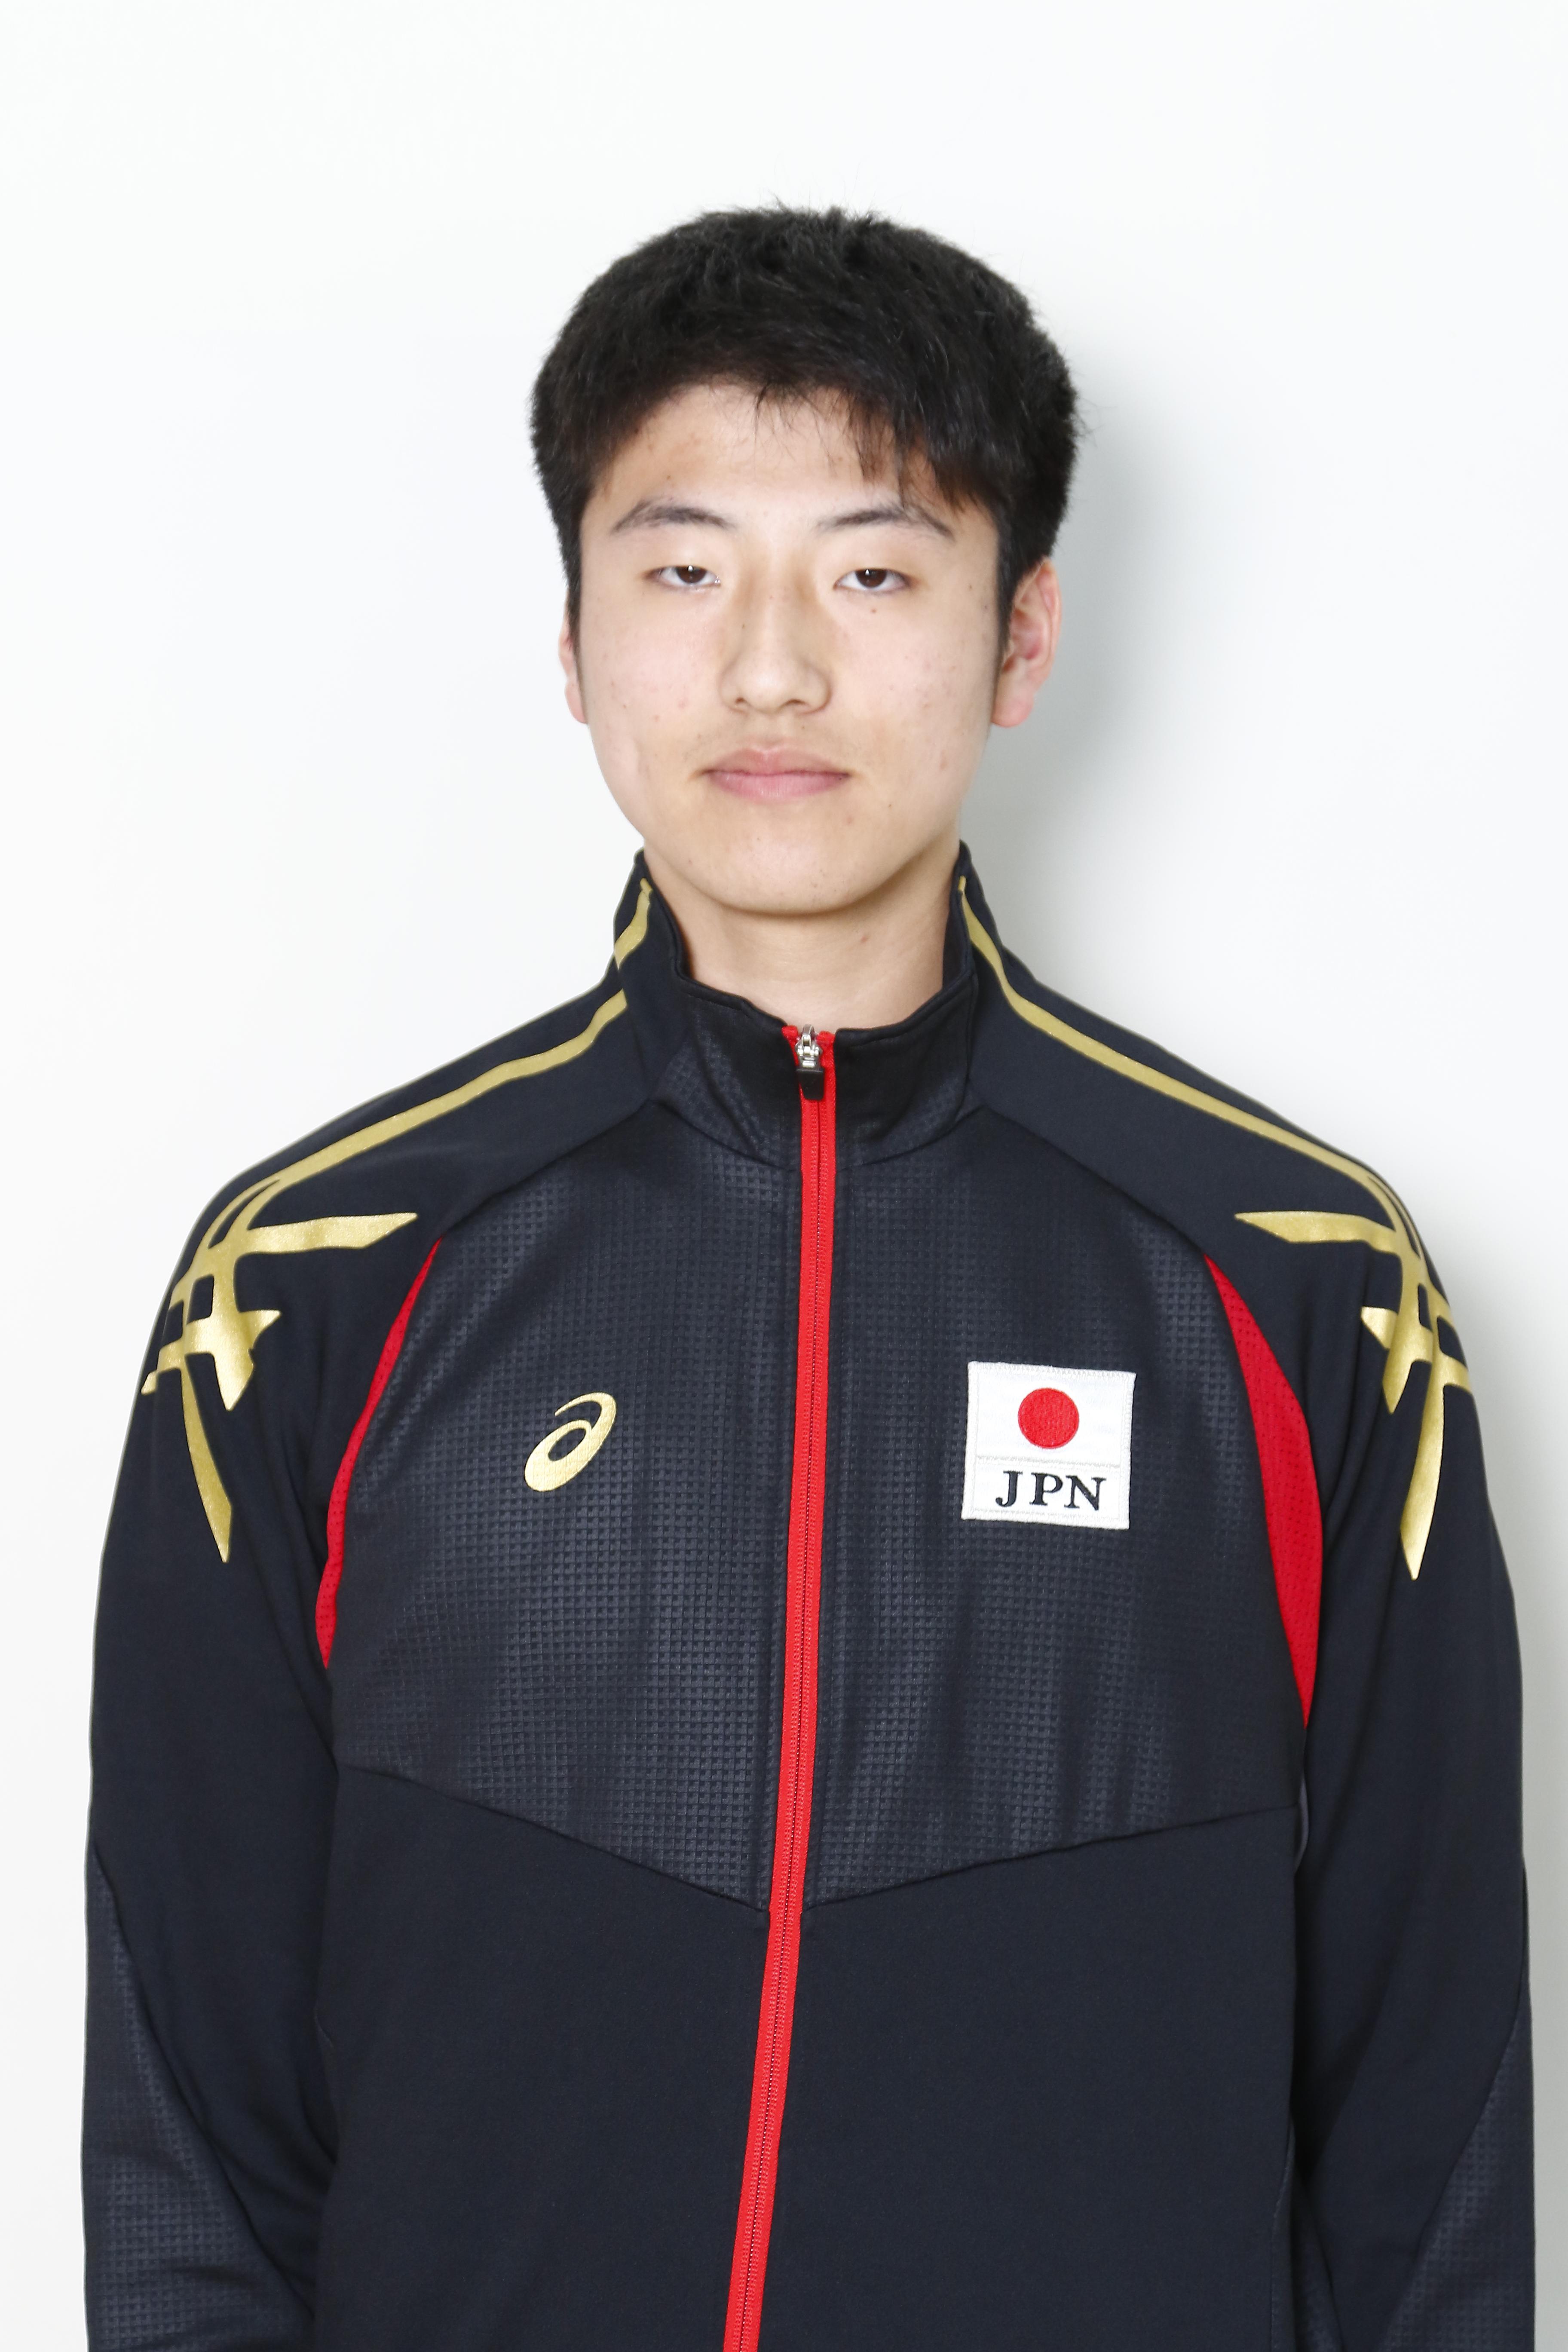 Hirohito Kashimura